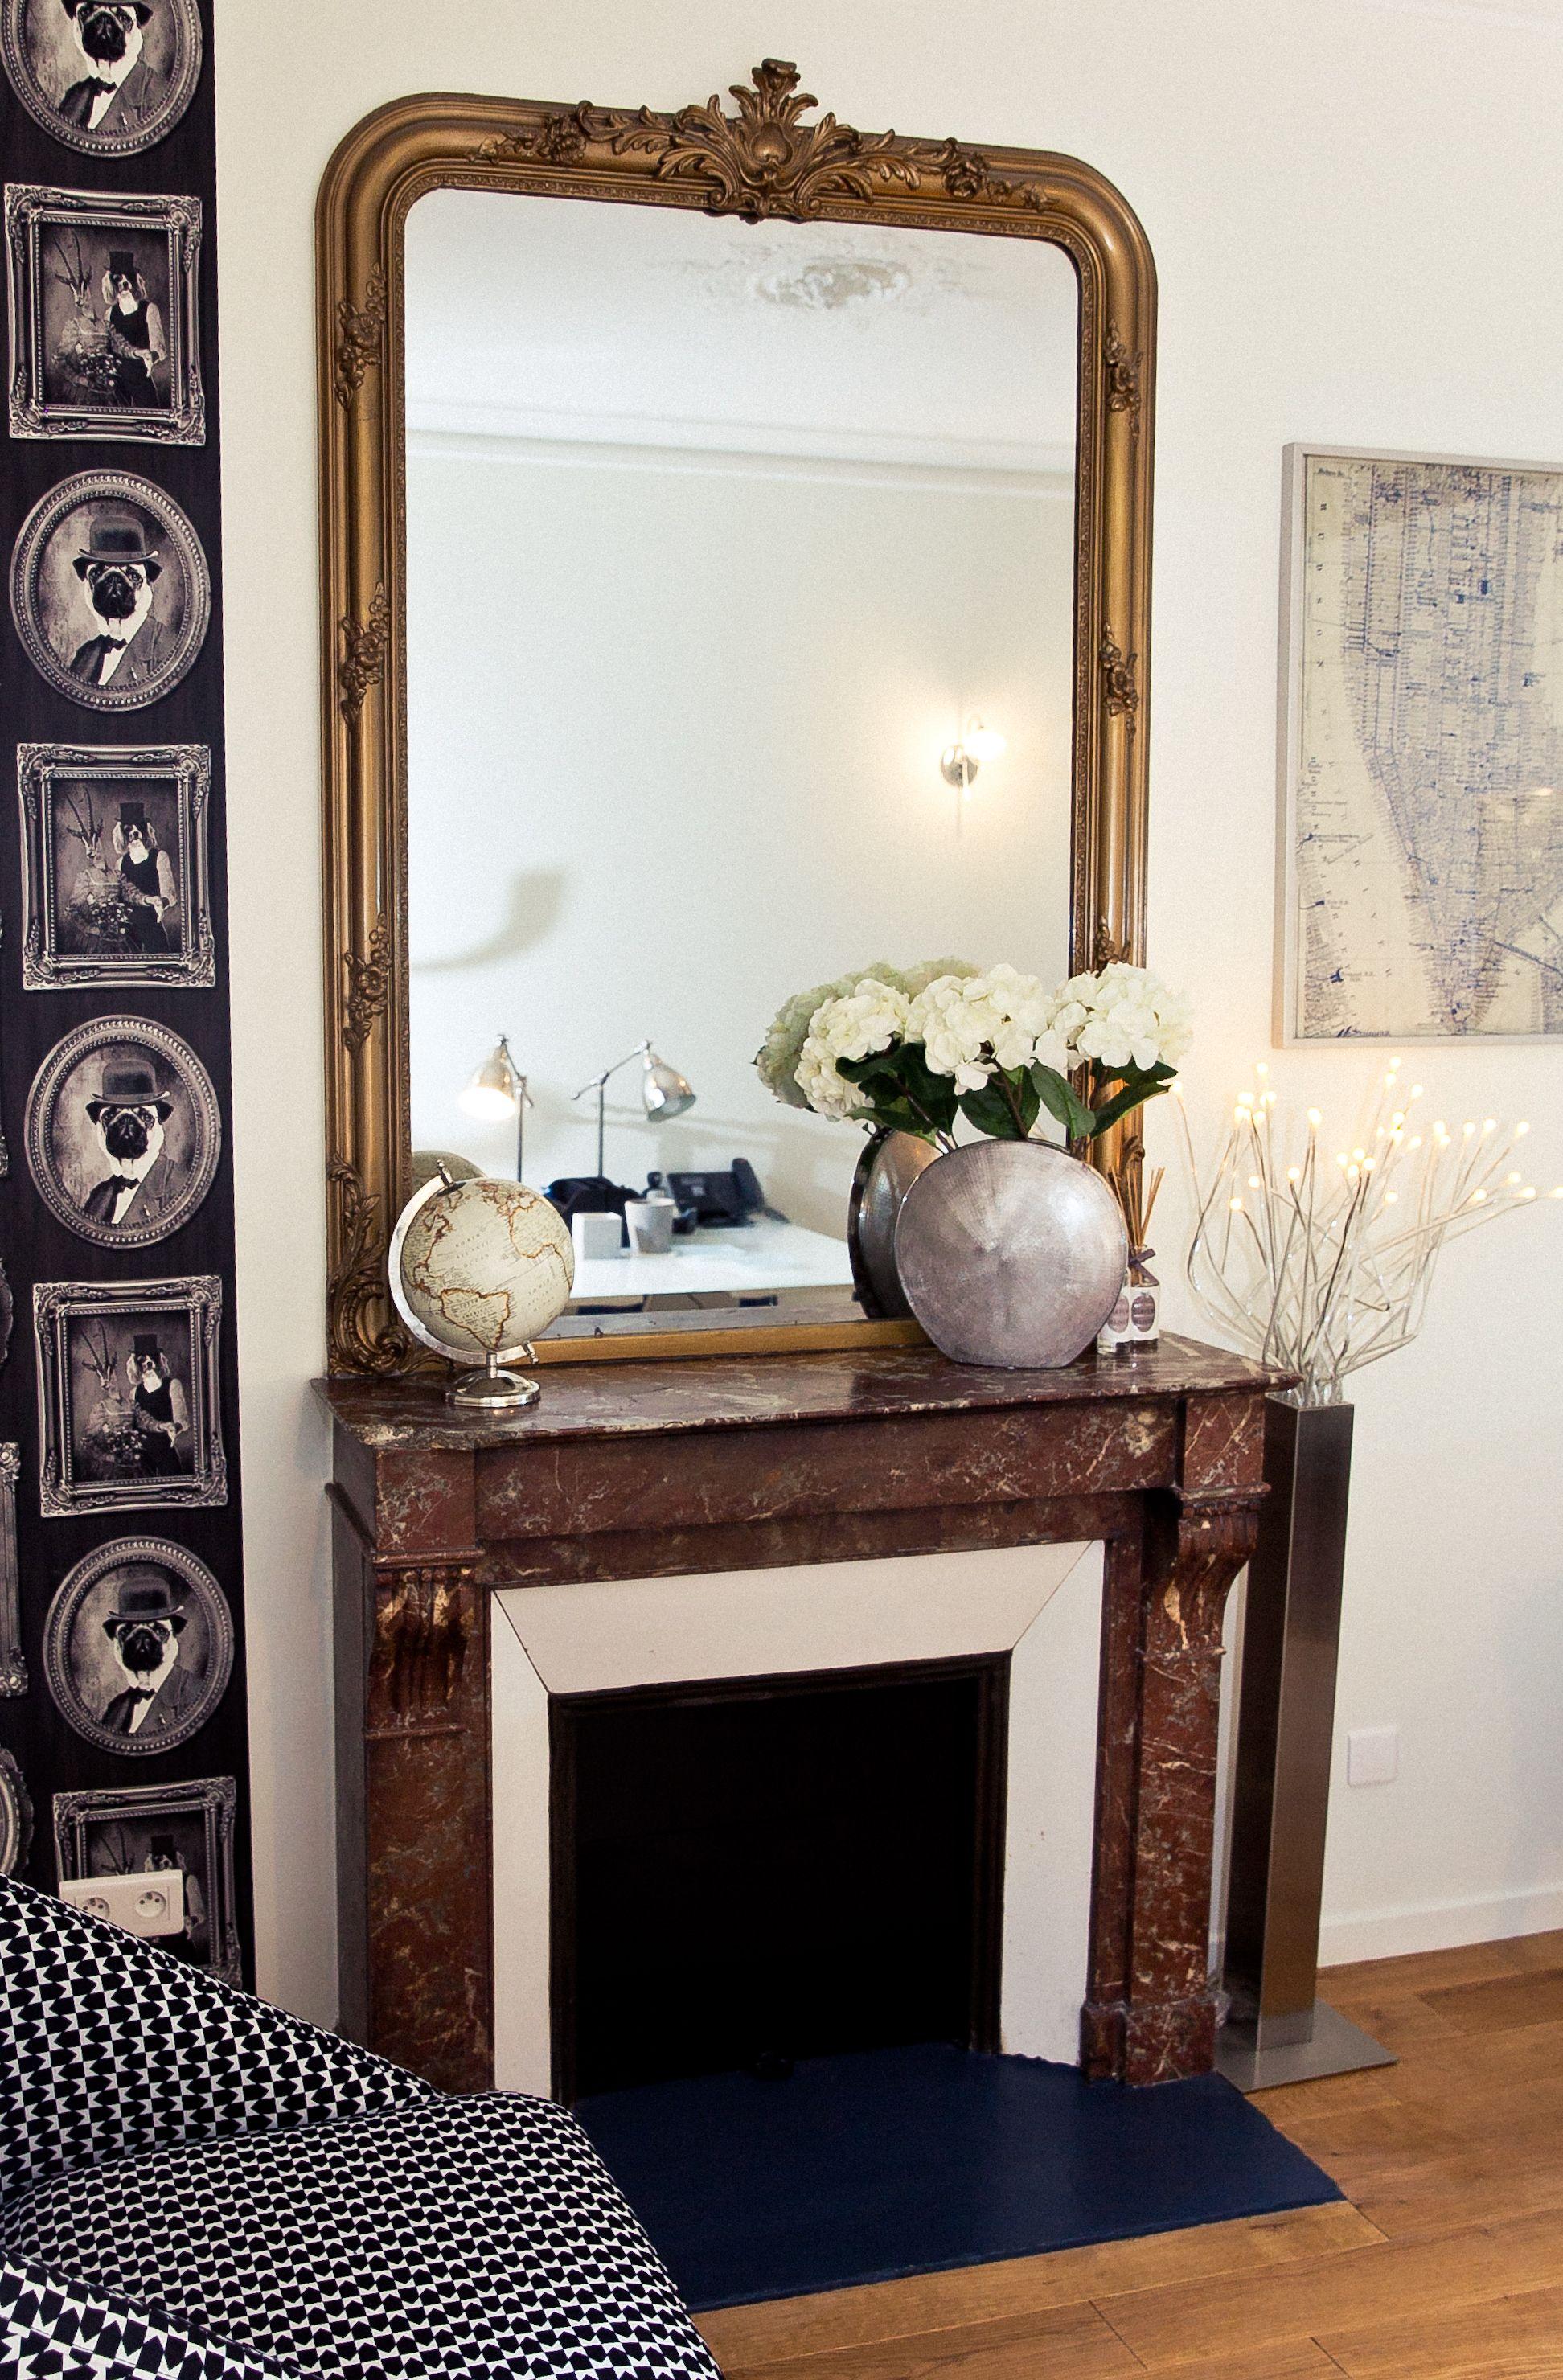 Découvrez l'espace Paris Artois, Luxury Club, lieu prestigieux, luxueux et inédit alliant l'élégance Haussmannienne, le charme, le confort mais aussi la plus haute technologie dans les équipements et des possibilités de service inégalées.